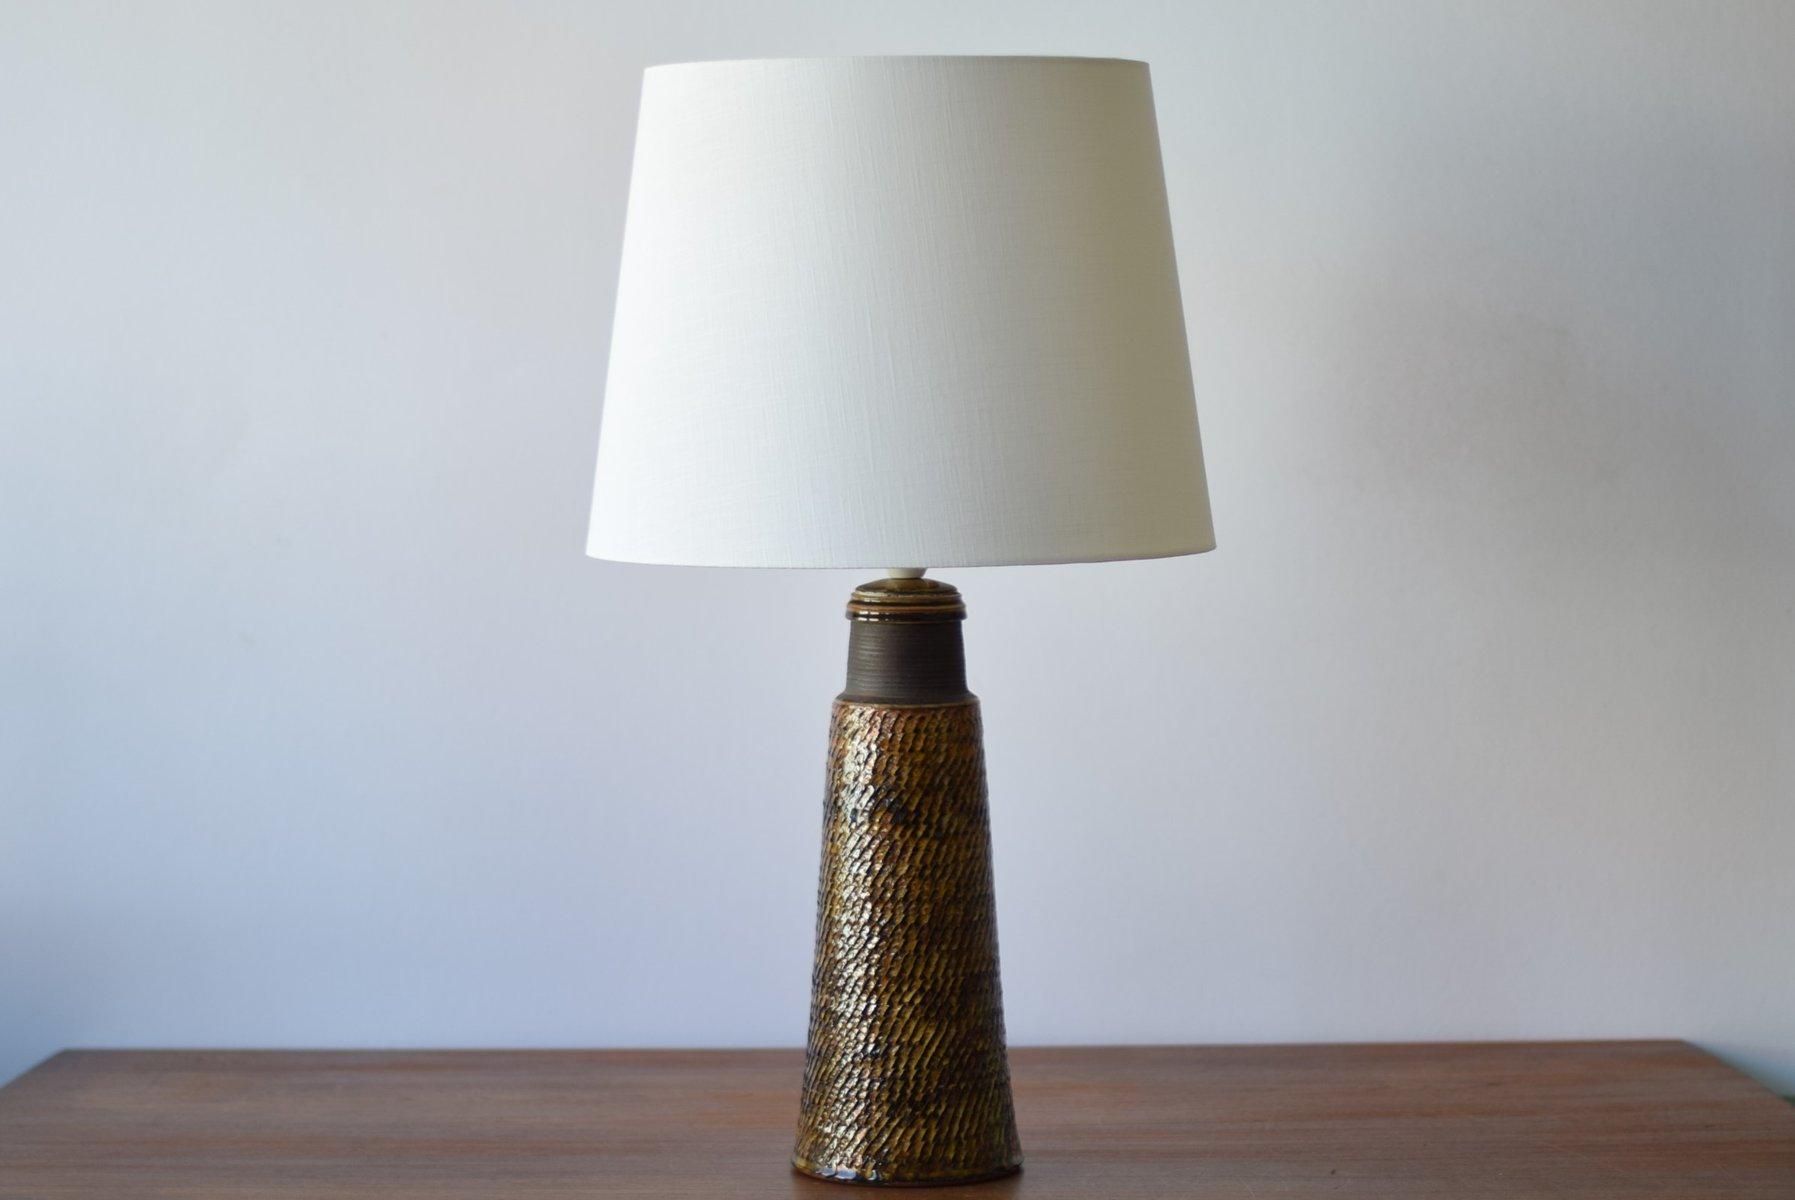 Hohe Dänische Keramik Tischlampe mit Bernsteingelber Lasur von Nils Kä...